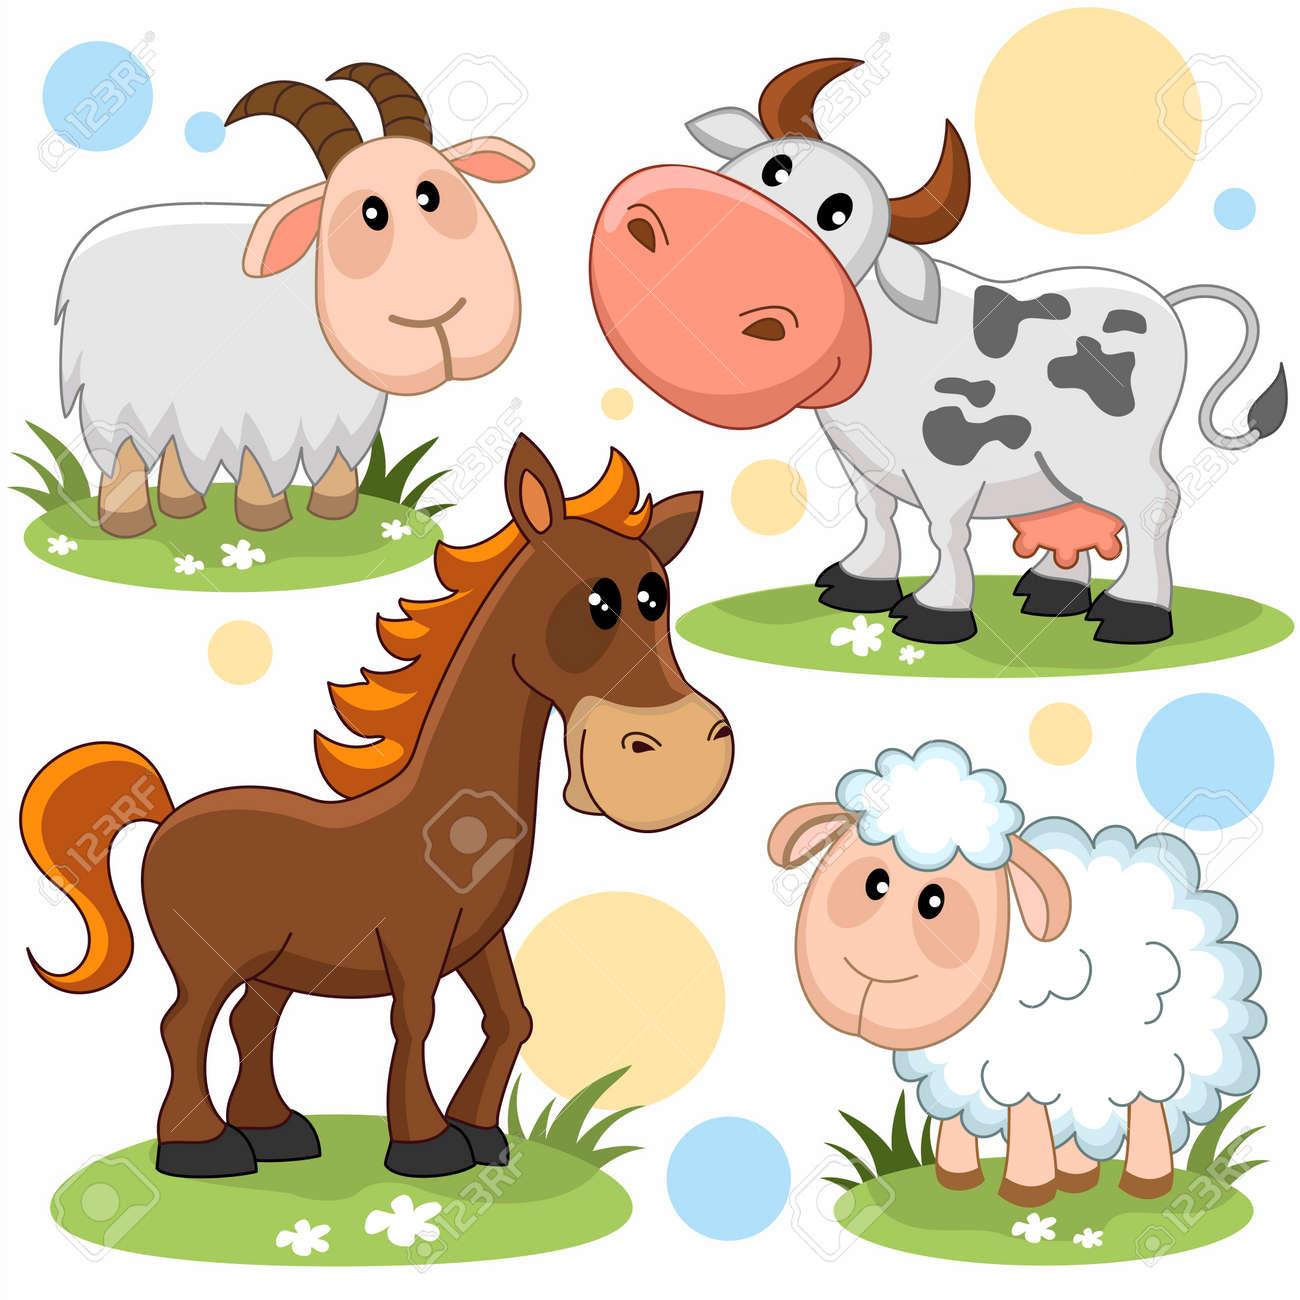 Conjunto De Imagenes De Dibujos Animados Con Animales Para Ninos